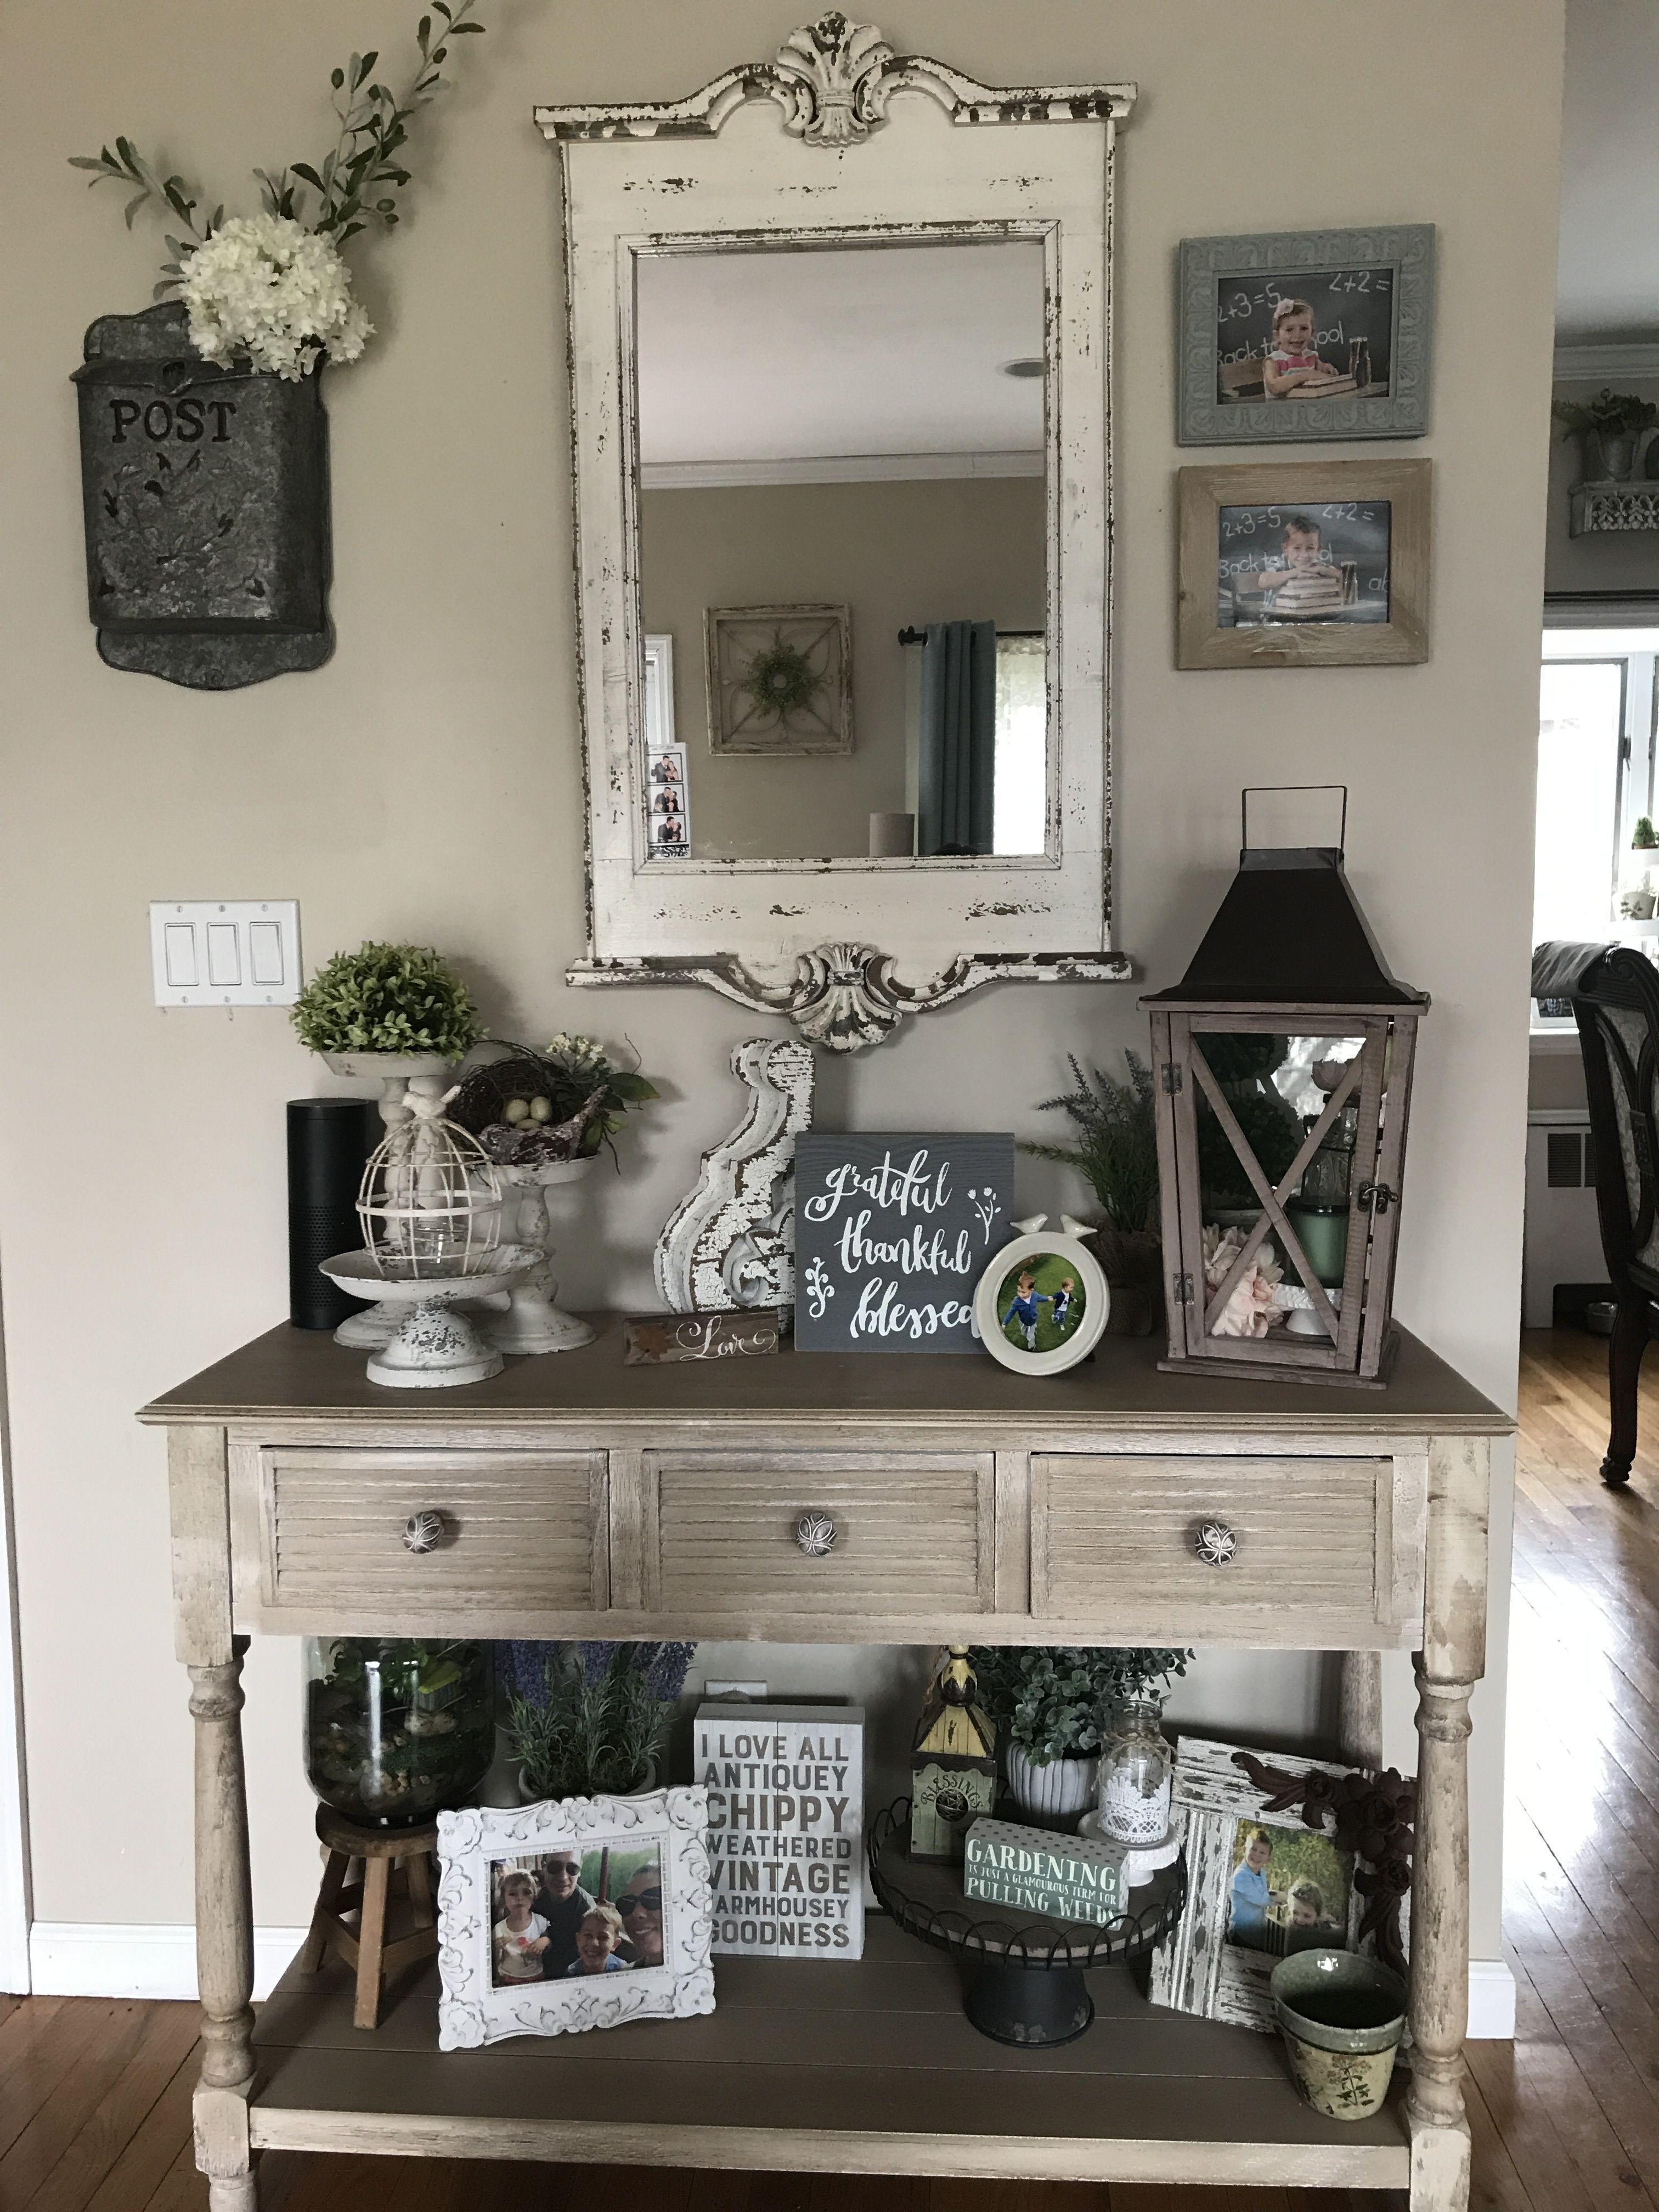 41 Beautiful Rustic Entryway Decor Ideas Zyhomy Entry Table Decor Country House Decor Home Decor